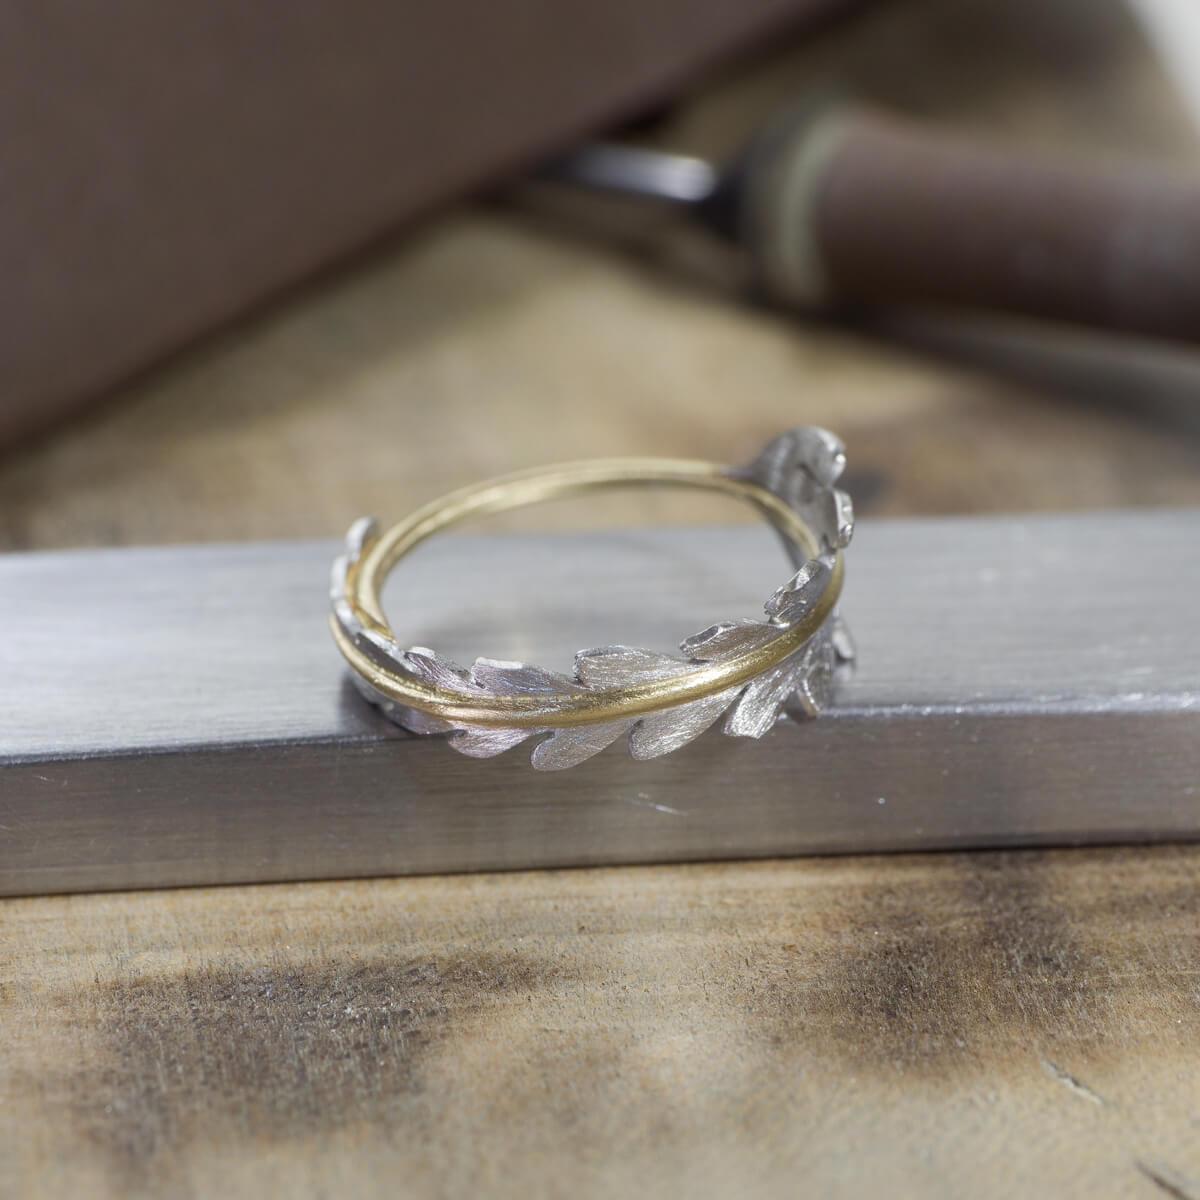 オーダーメイドエンゲージリング ジュエリーのアトリエ 屋久島のシダモチーフ ゴールド、プラチナ 屋久島でつくる婚約指輪